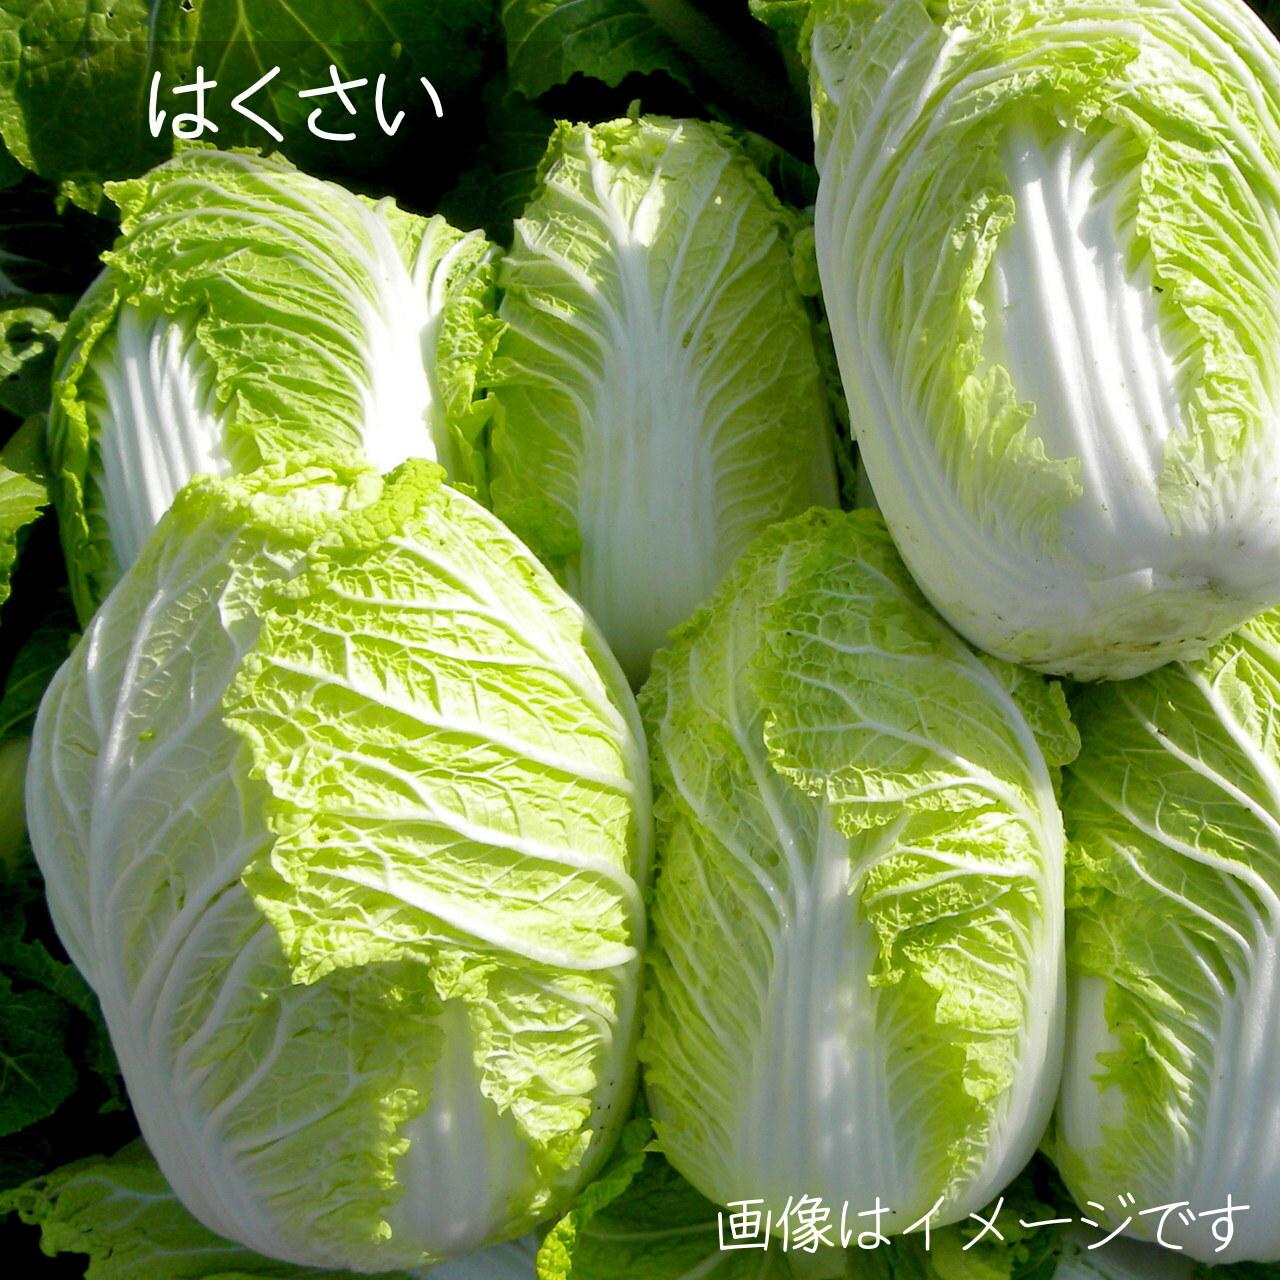 白菜 1個 7月の朝採り野菜 新鮮な夏野菜 7月4日発送予定